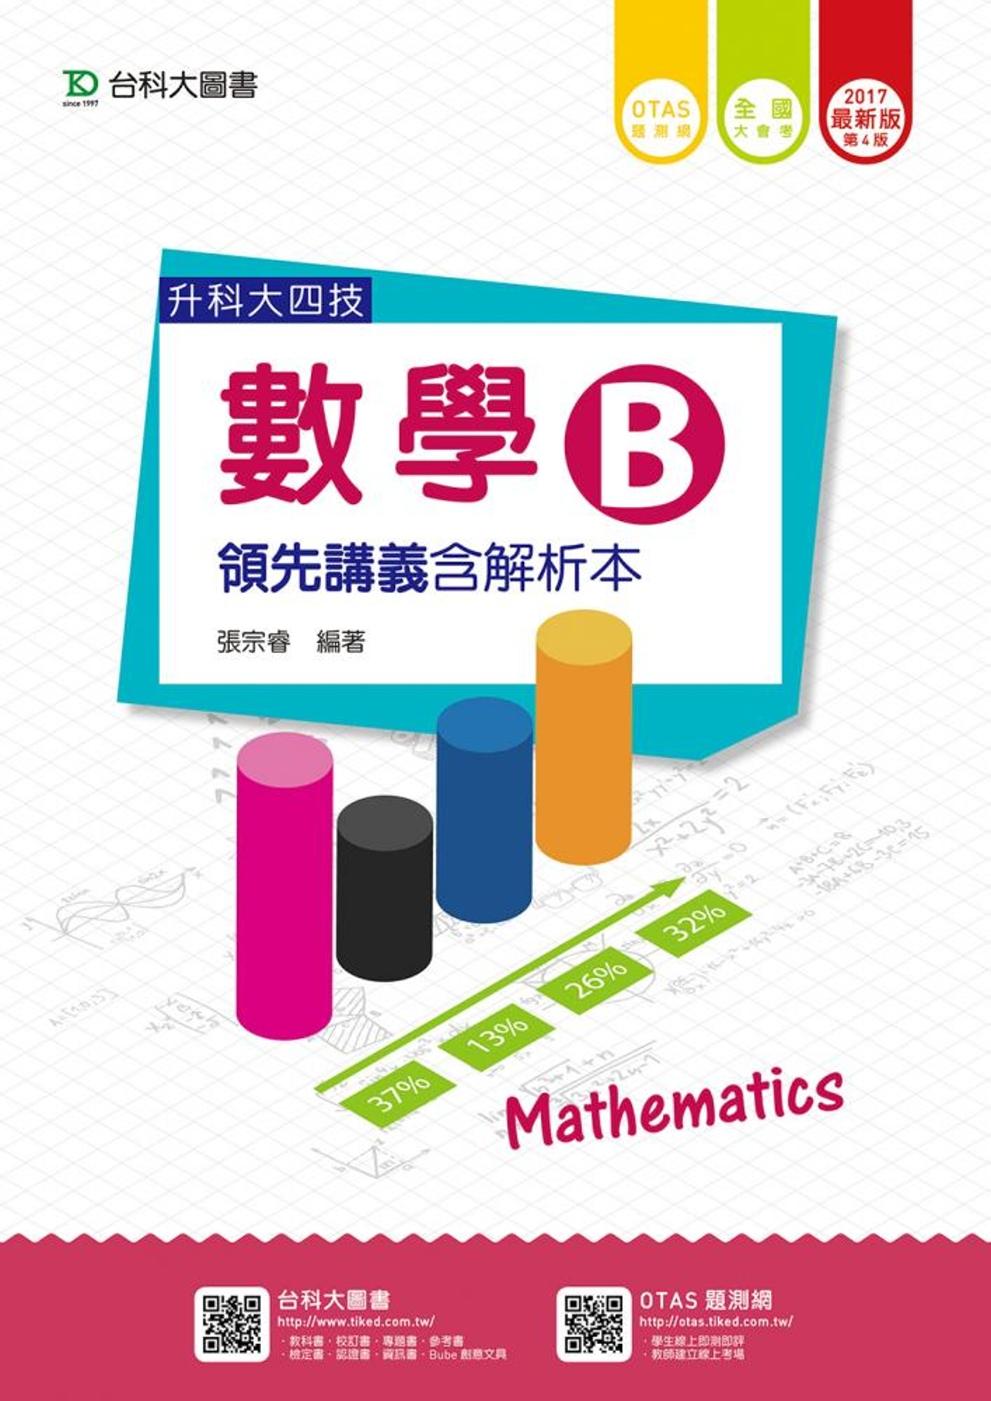 升科大四技數學 B 領先講義含解析本 - 2017年最新版(第四版) - 附贈OTAS題測系統